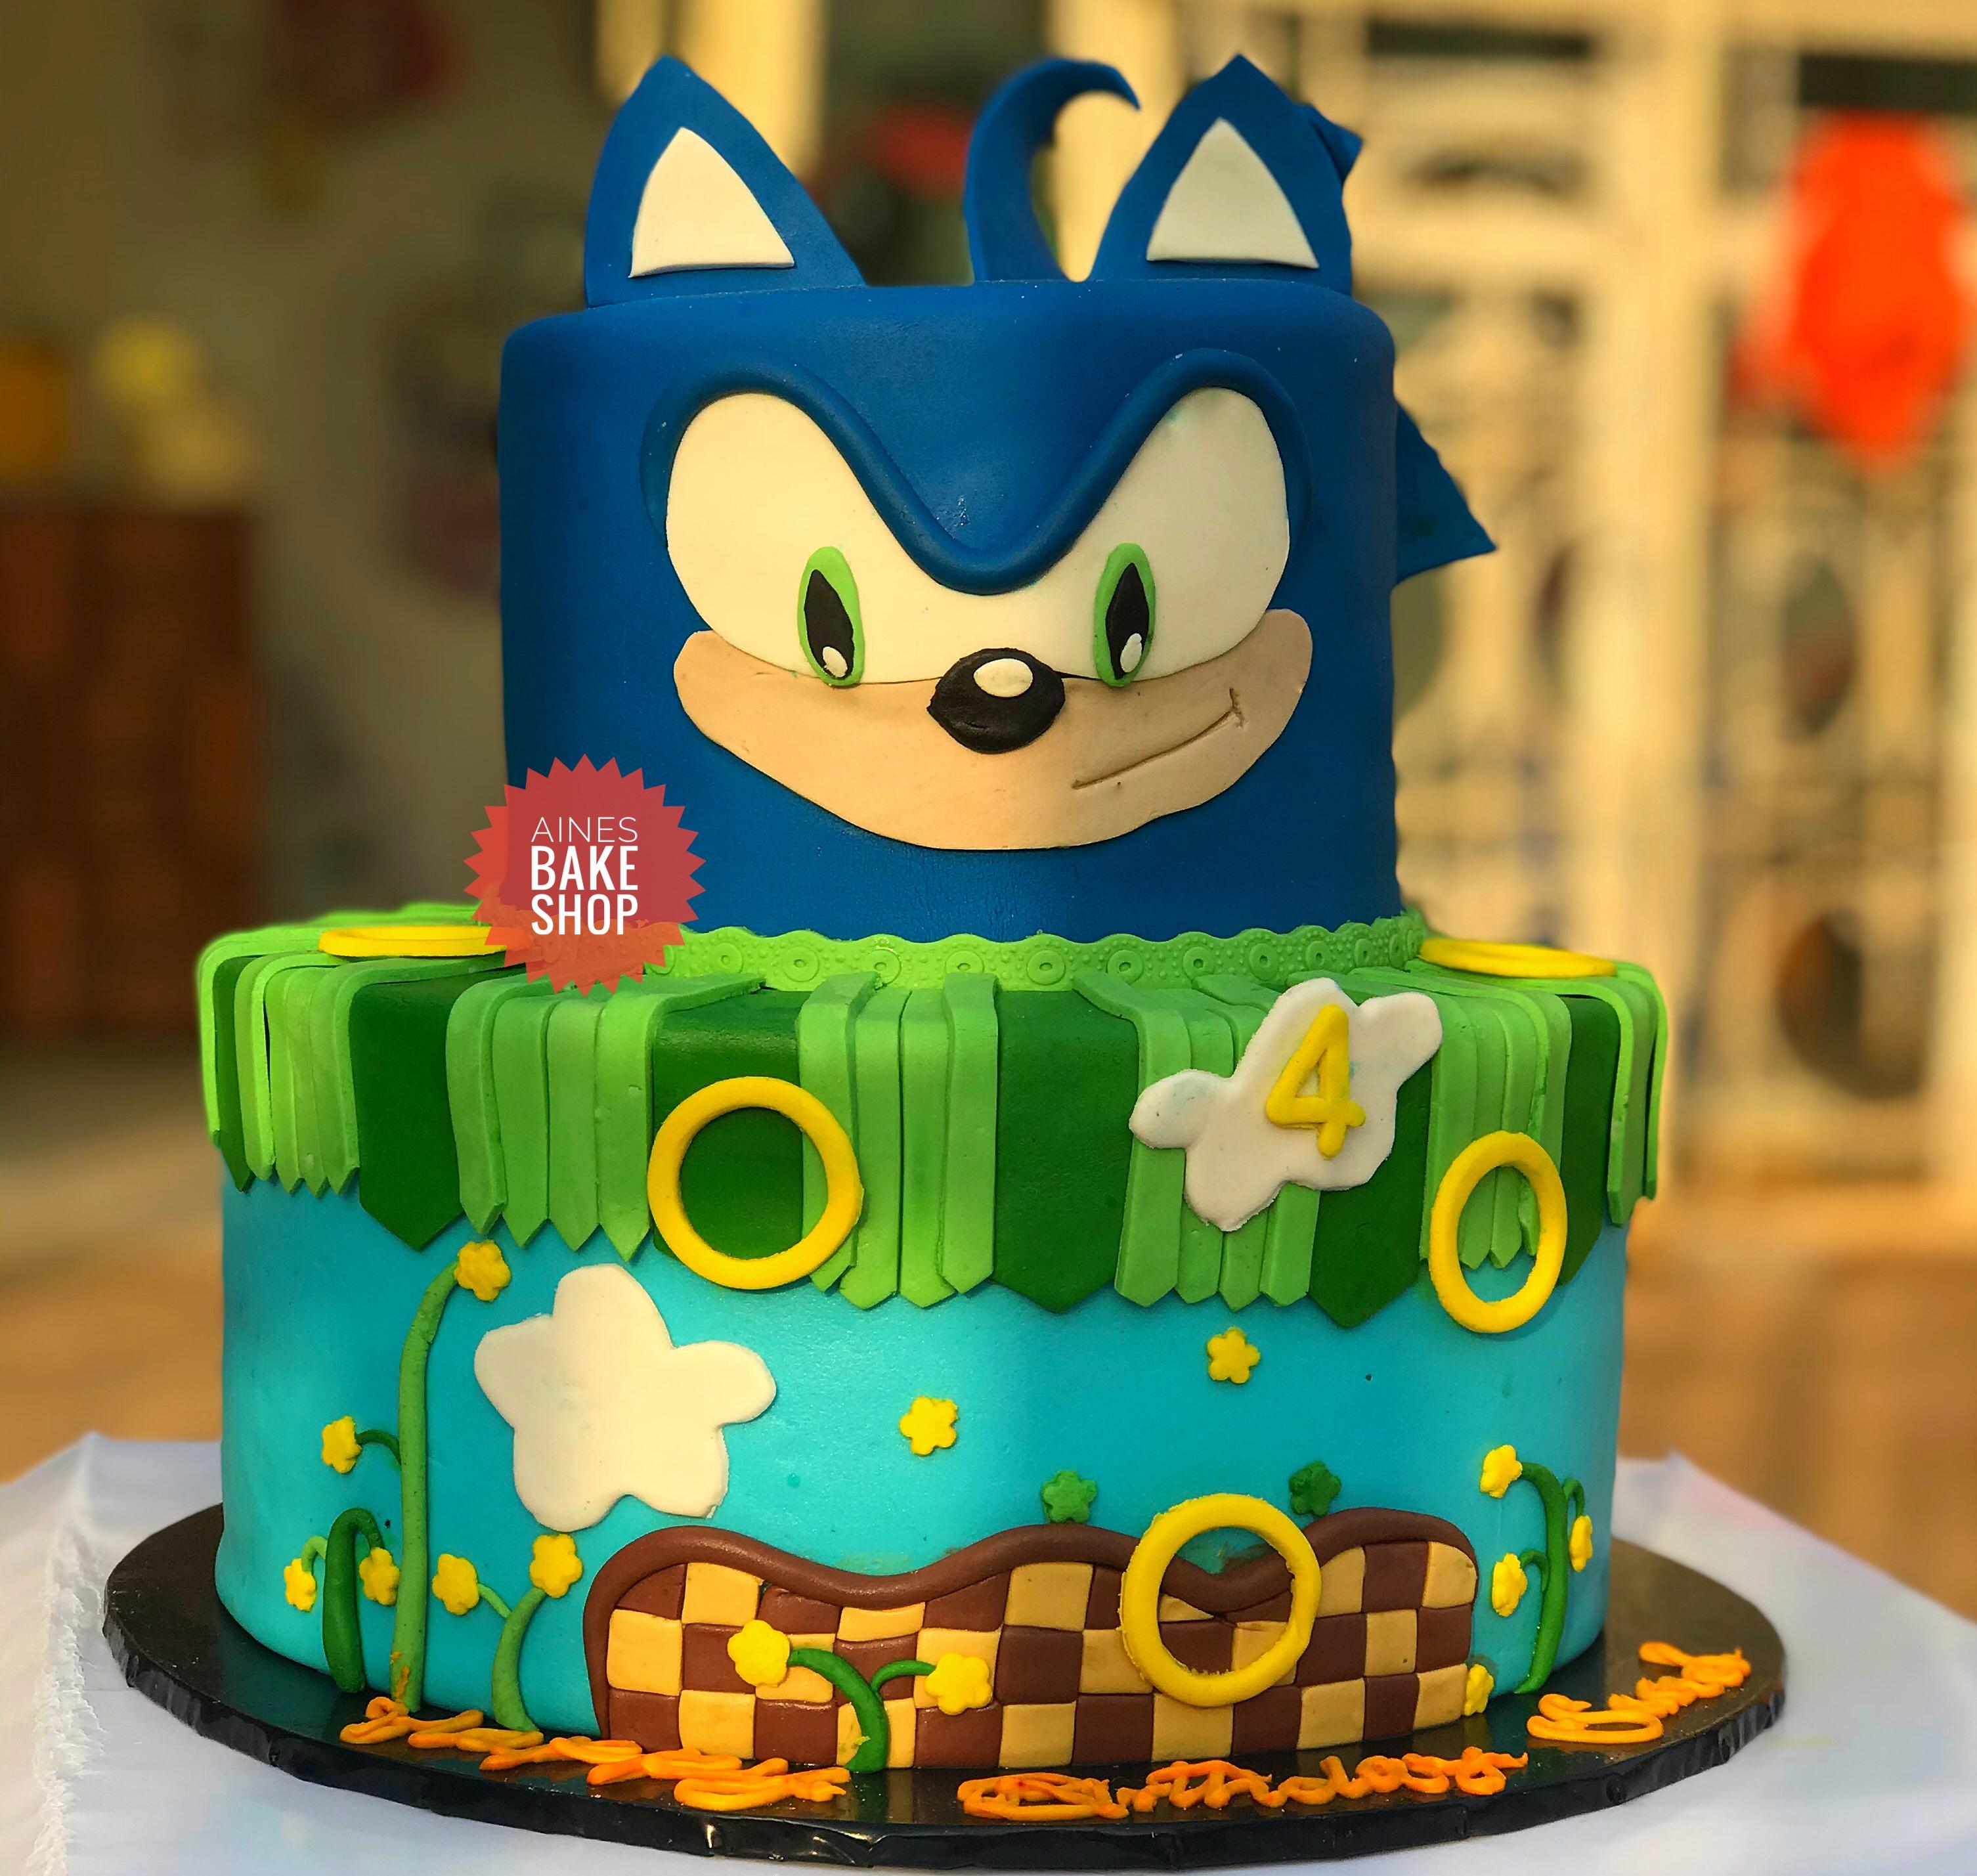 étonnant  Mot-Clé sonic the hedgehog cake   Aine's bake shop   Flutterwave Store